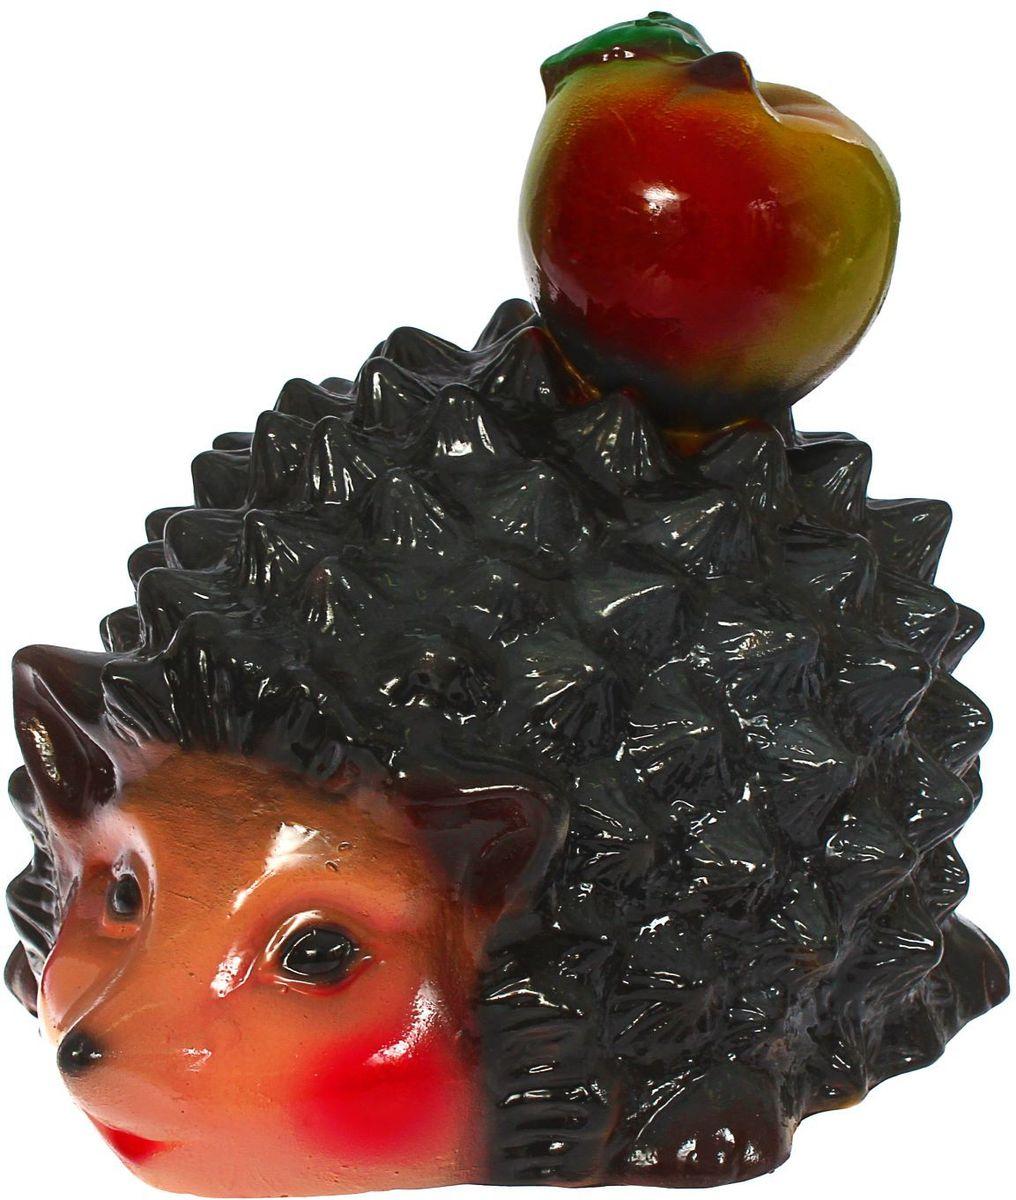 Фигура садовая Керамика ручной работы Ежик с яблоком, 29 х 20 х 22 см1224058Ёжики придадут саду уюта и очарования. Эти зверьки символизируют запасливость, поэтому непременно помогут вырастить и сохранить богатый урожай. Такой декор выгоднее всего смотрится в траве или под деревьями — в природных местах обитания животных. #name# создаст солнечное настроение даже в пасмурный день и сделает дачный участок оригинальным. Дополните окружающее пространство необычной деталью.